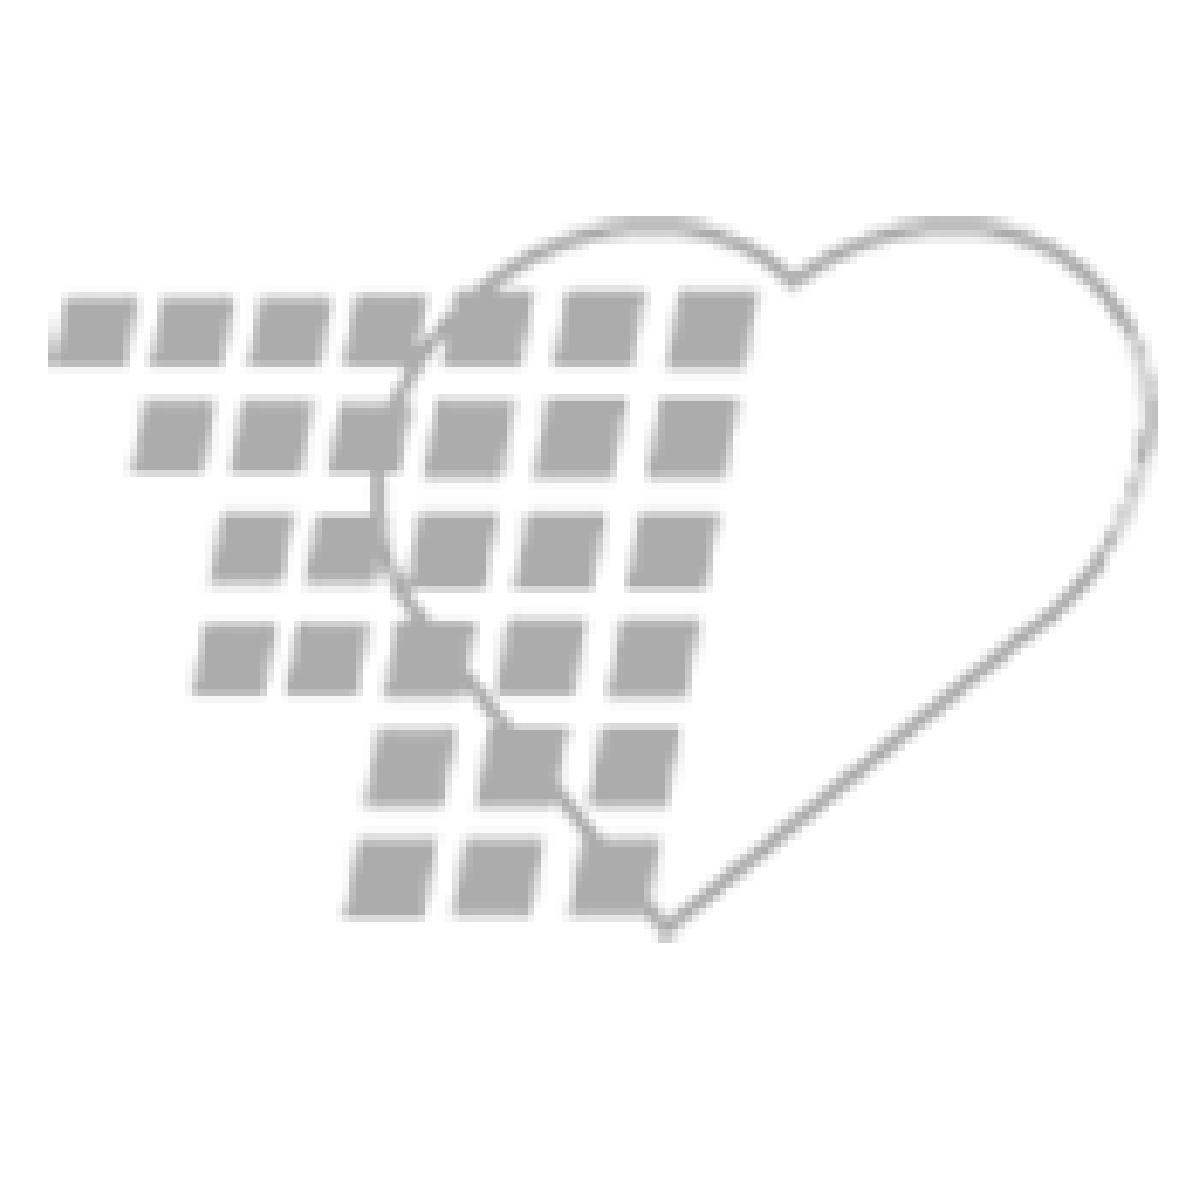 11-81-0014-BGE - SimObesity   Leggings Pair - Beige